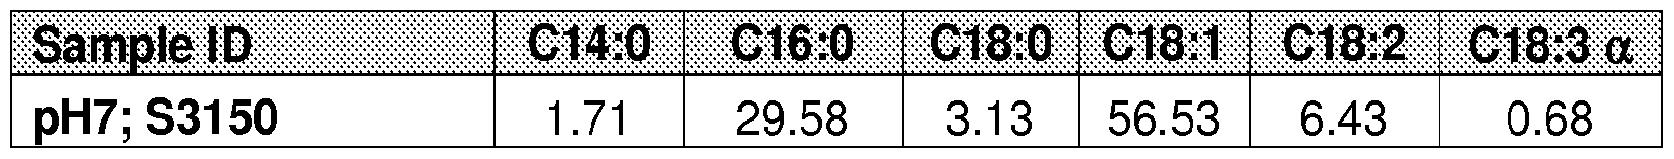 Figure imgf000353_0003